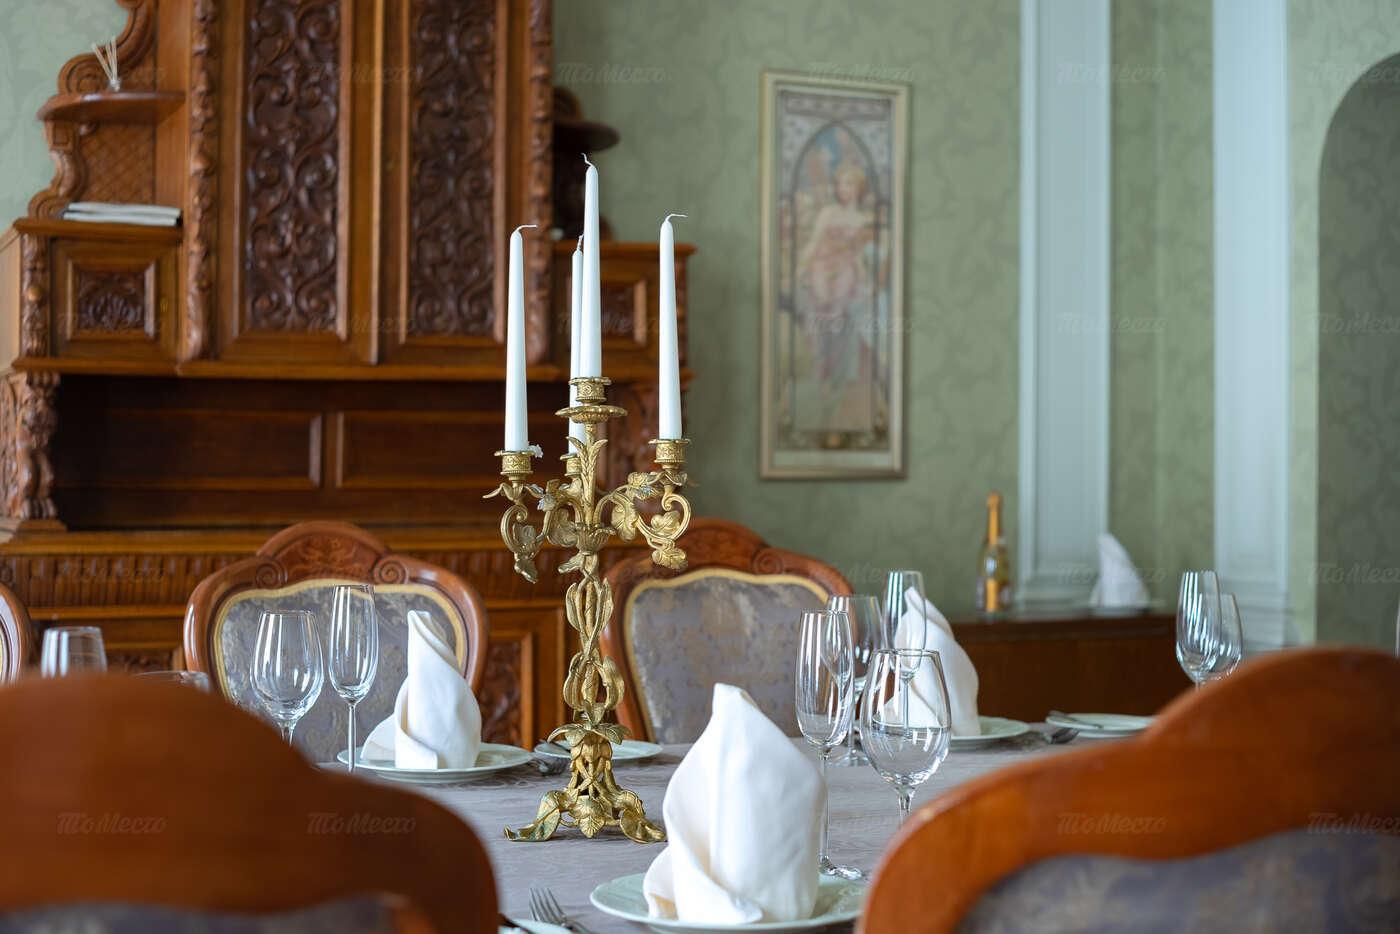 Ресторан 1913 год на Вознесенском проспекте фото 10